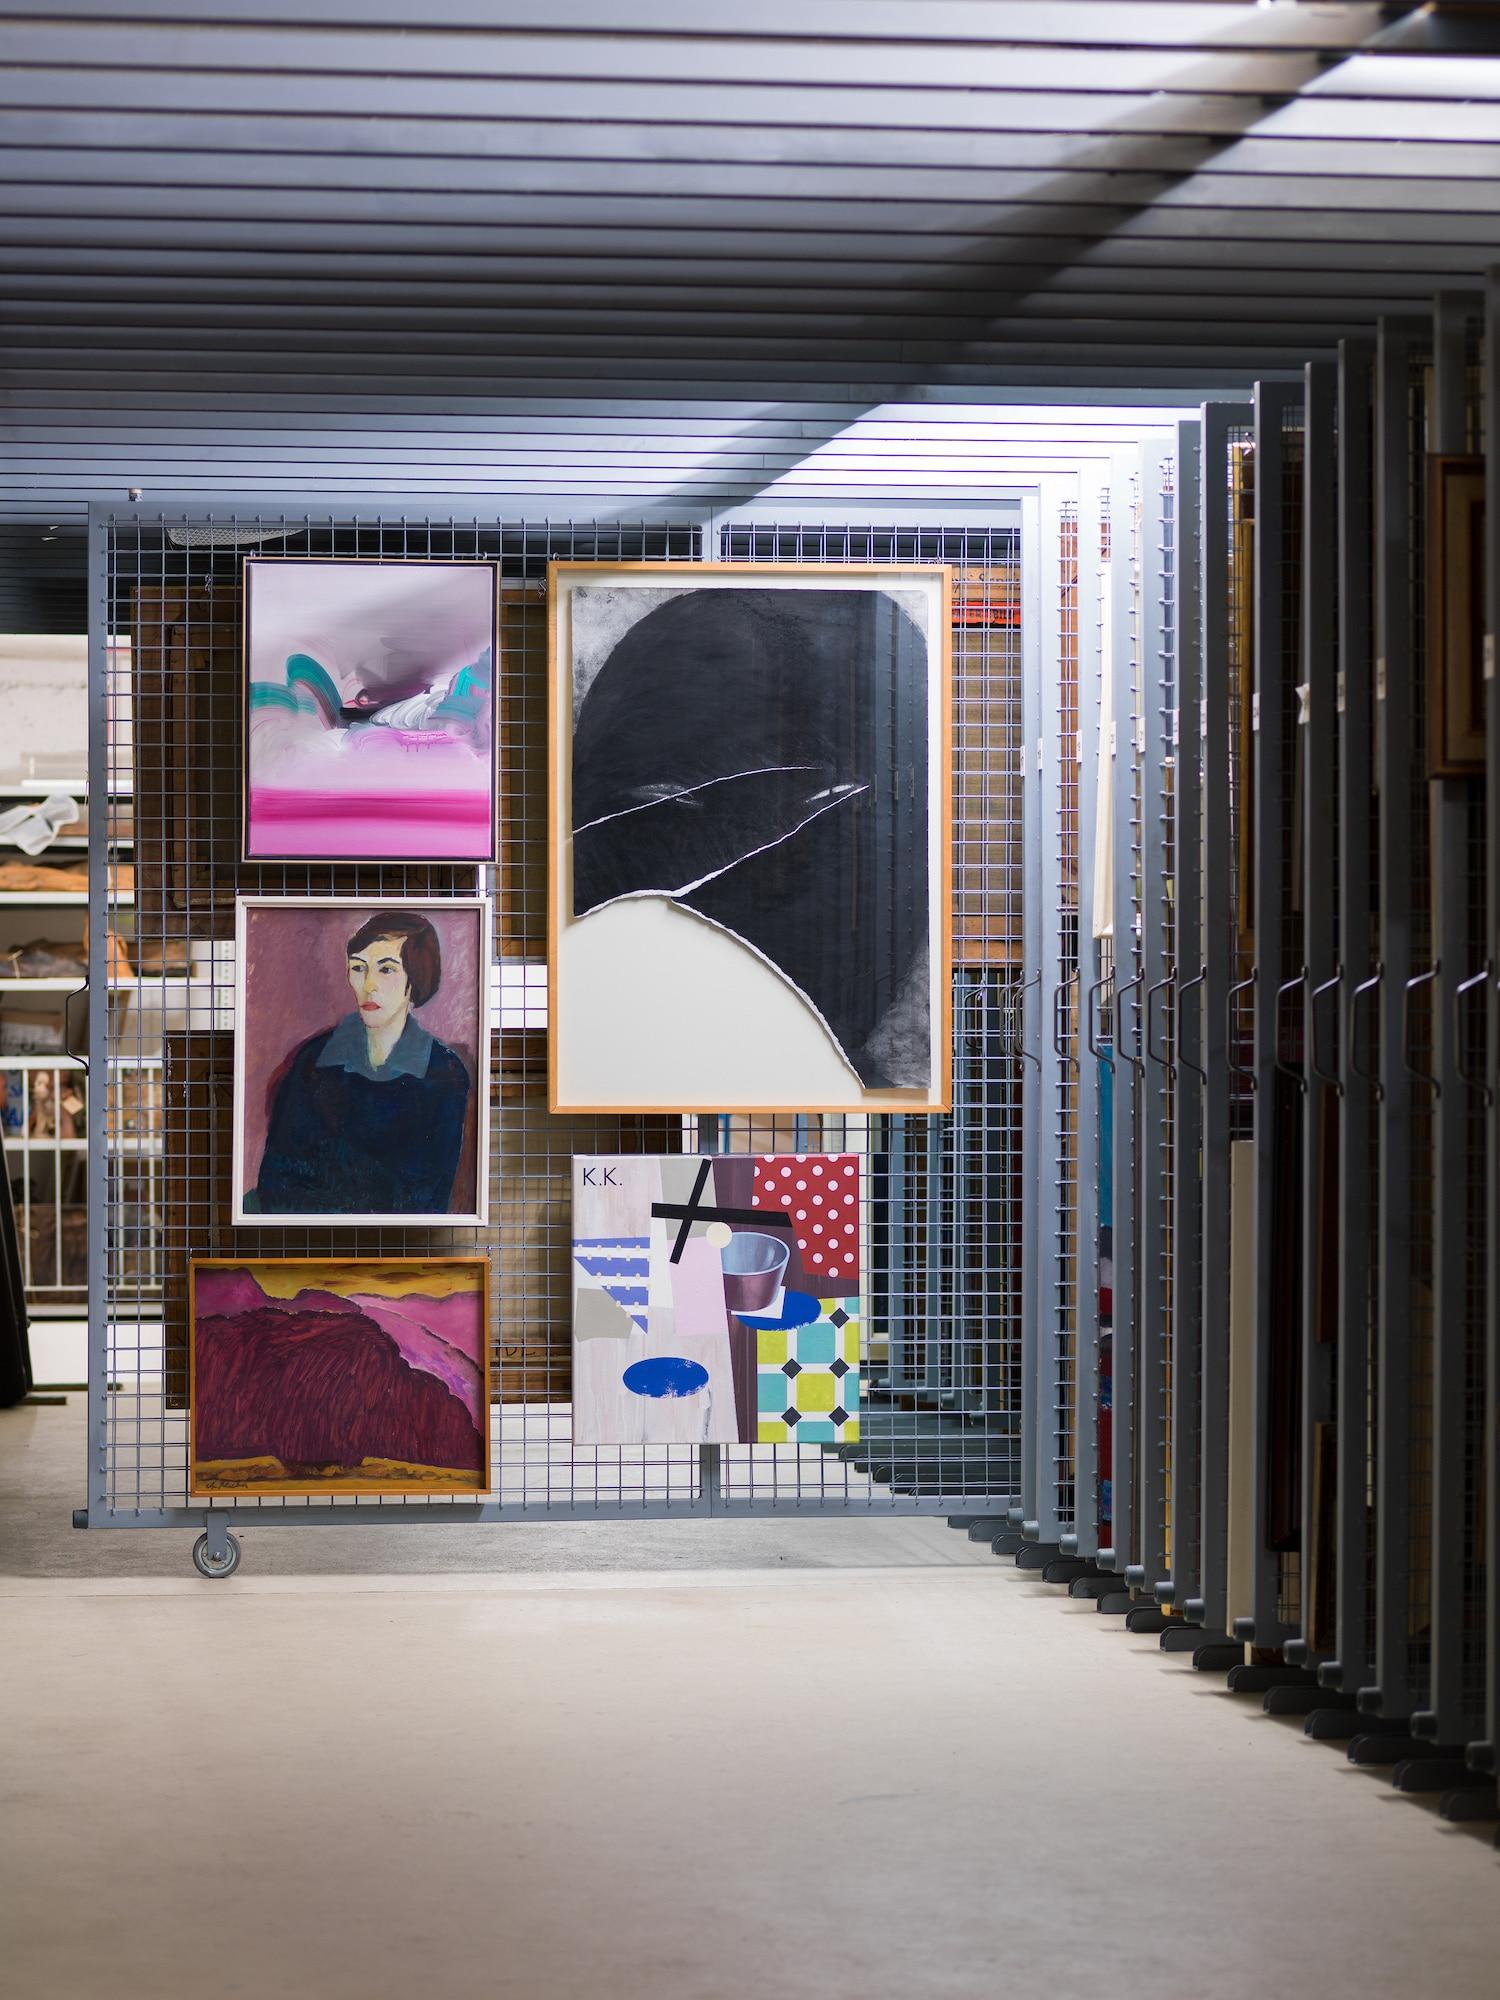 © Kunstvilla im KunstKulturQuartier, Annette Kradisch, Nürnberg, Titel: Ortwin Michl, Wolkenbild, 2, 2016 (Detail), Werner Knaupp, Kopf, 14.08.1979, 1979 (Detail), Wolf Sakowski, Die Kubistische Küche, 2011, Christian Klaiber, (rotes) Gebirge, 1959 (Detail), Brigitta Heyduck, Karin, 1958 (Detail) © VG Bild-Kunst Bonn 2019 für die Werke von Brigitta Heyduck, Werner Knaupp